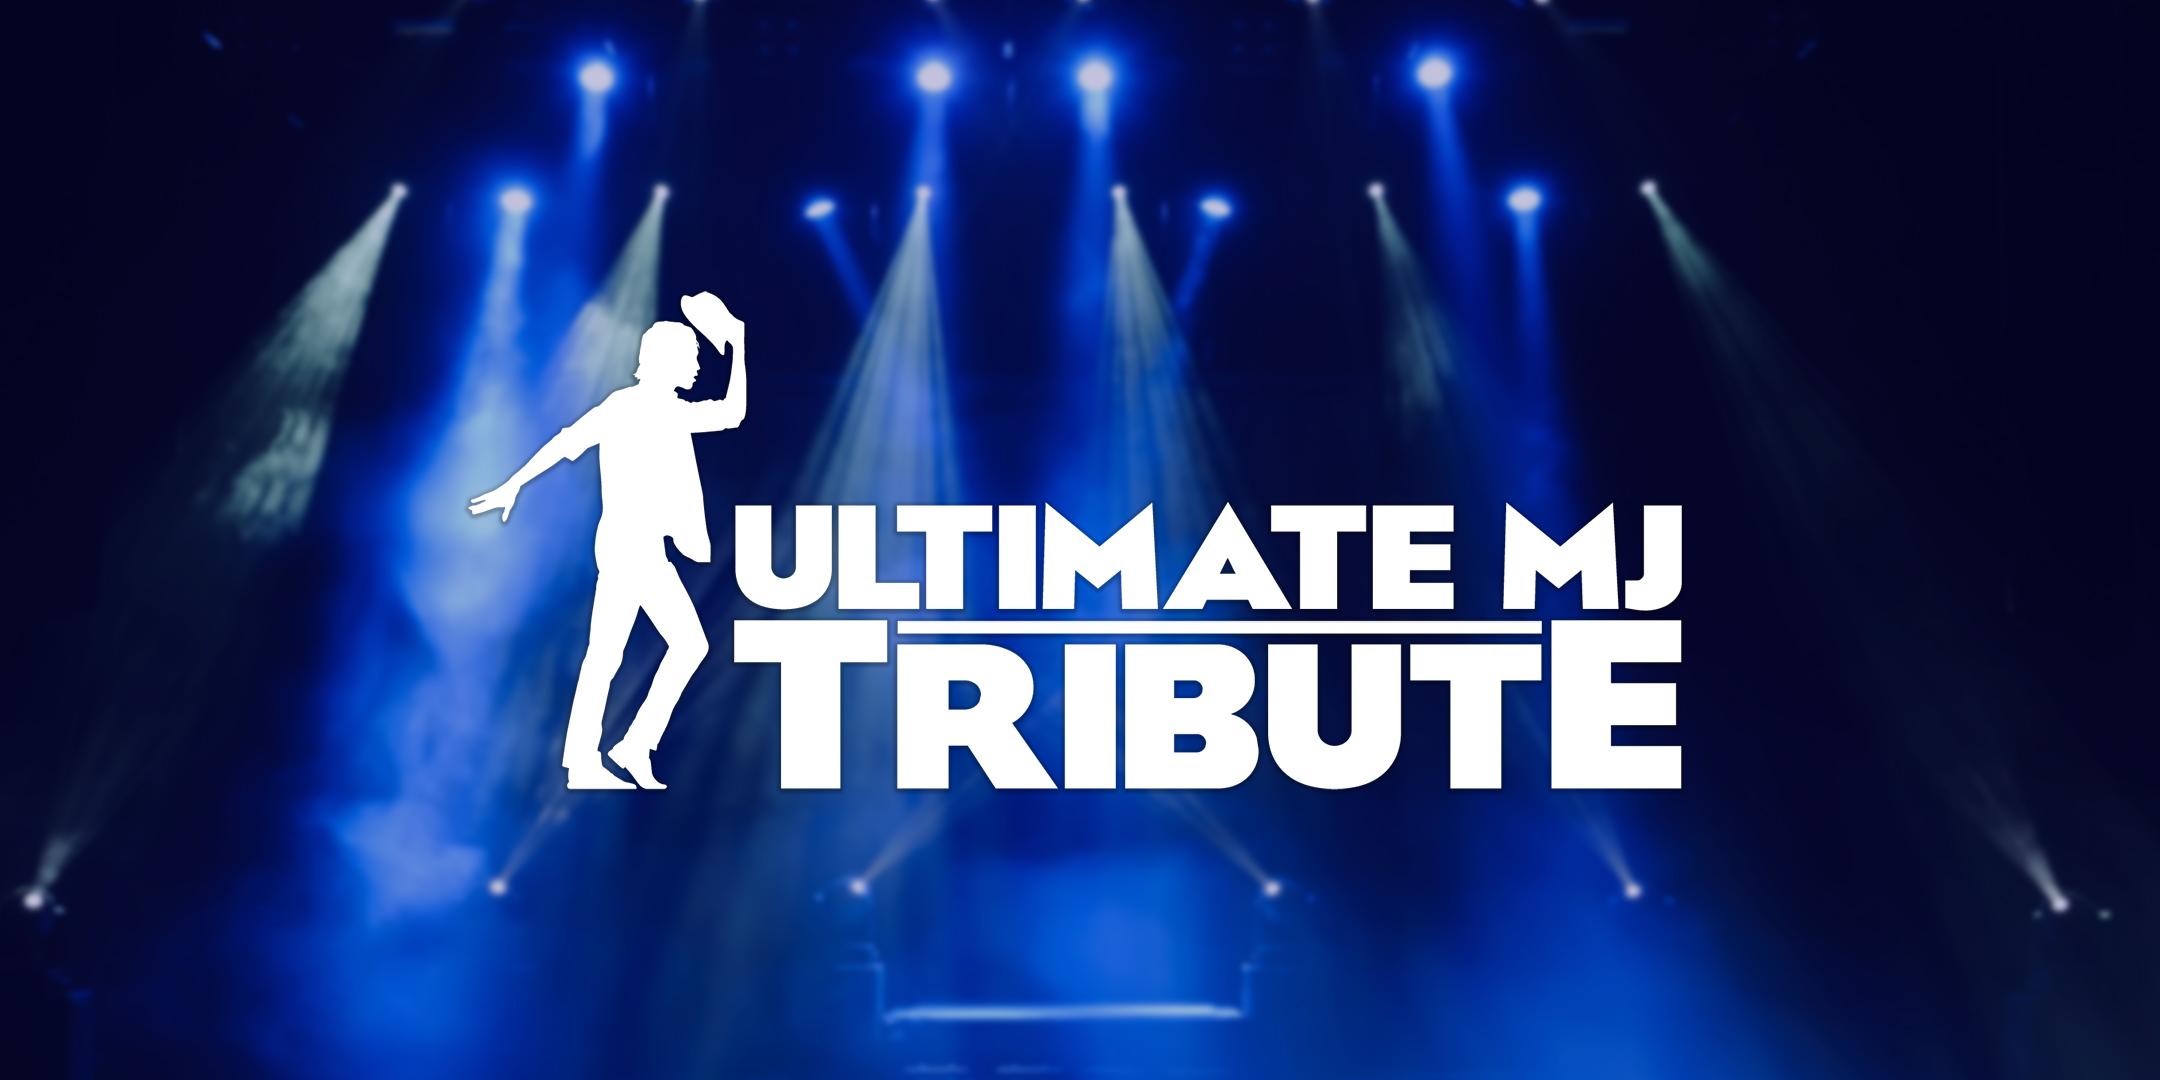 2018-MJ-Tribute-Eventbrite.jpg